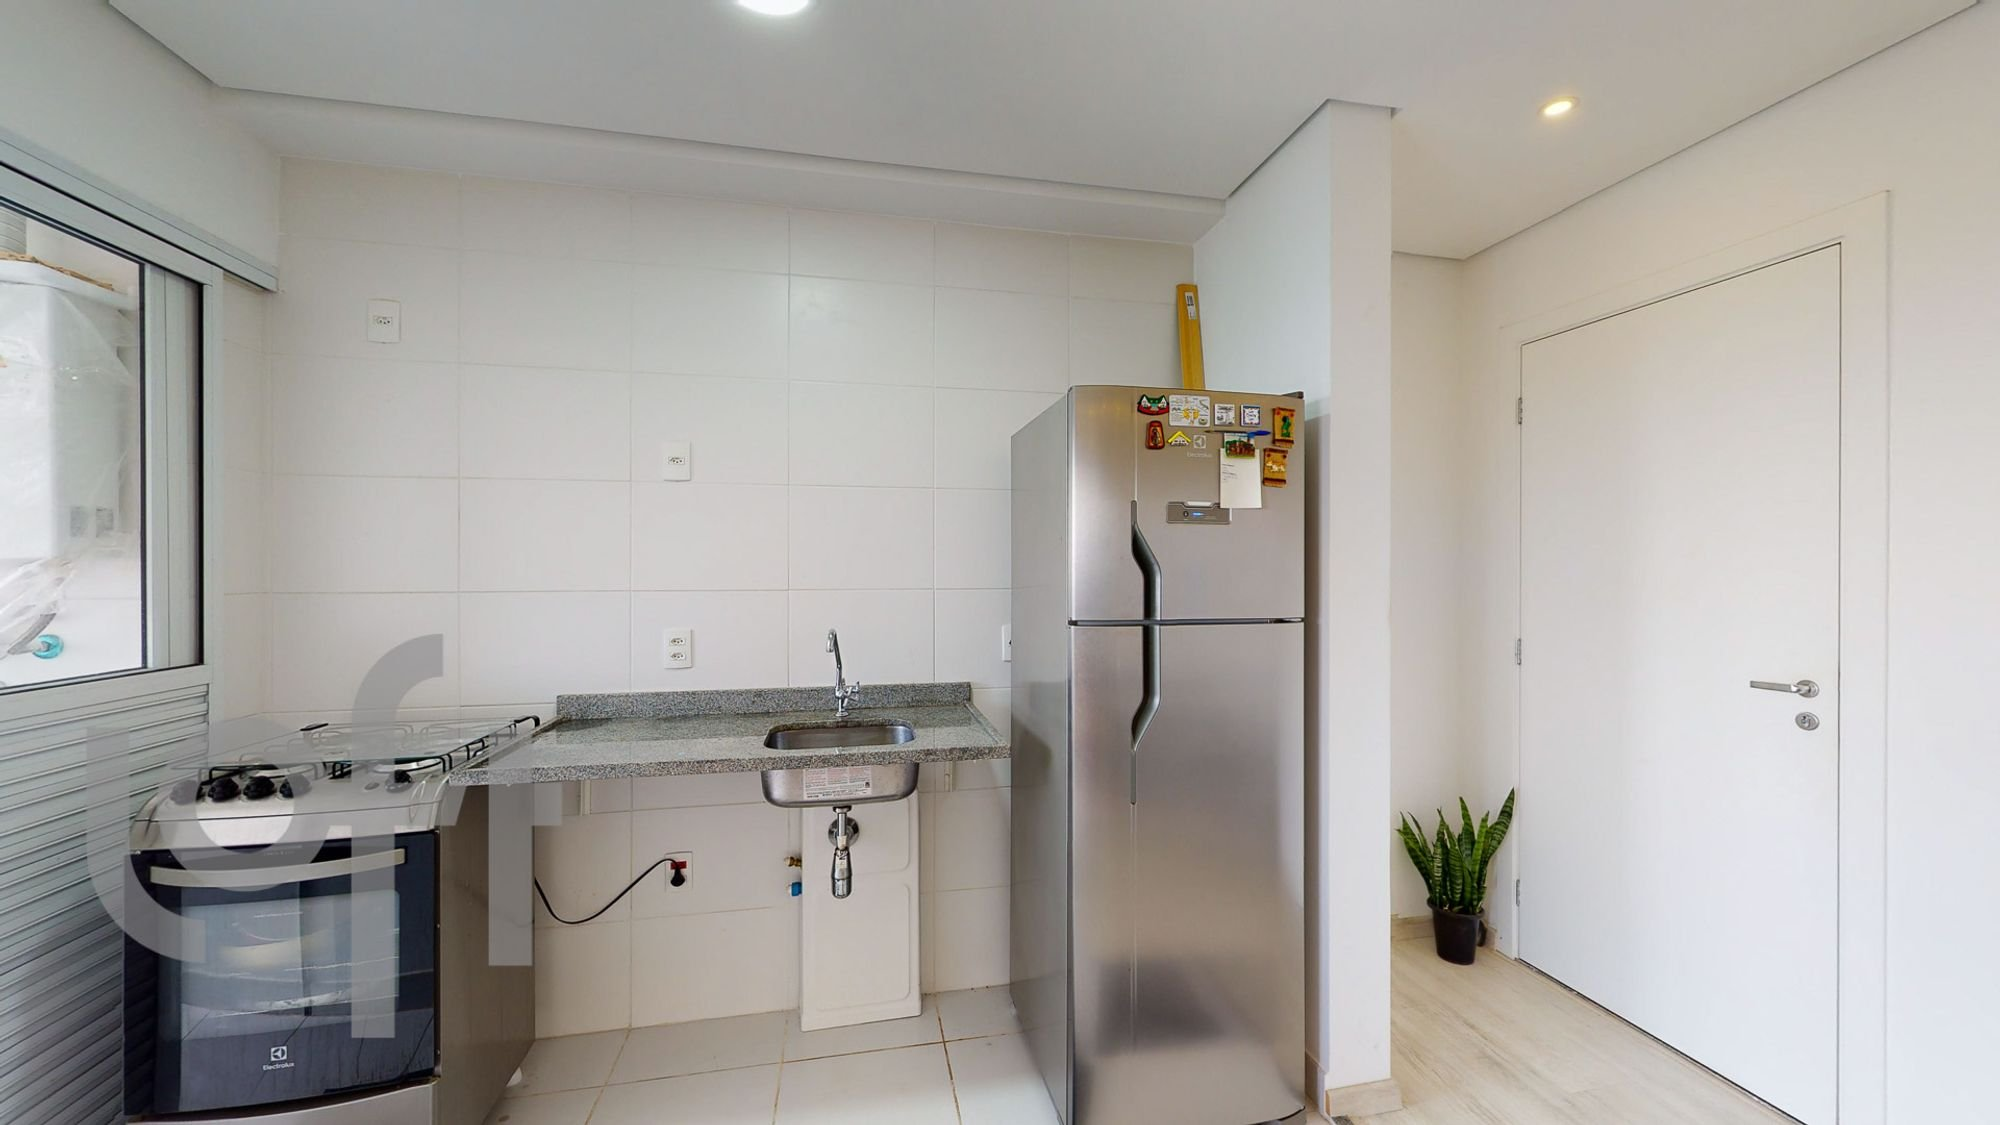 Foto de Cozinha com vaso de planta, geladeira, pia